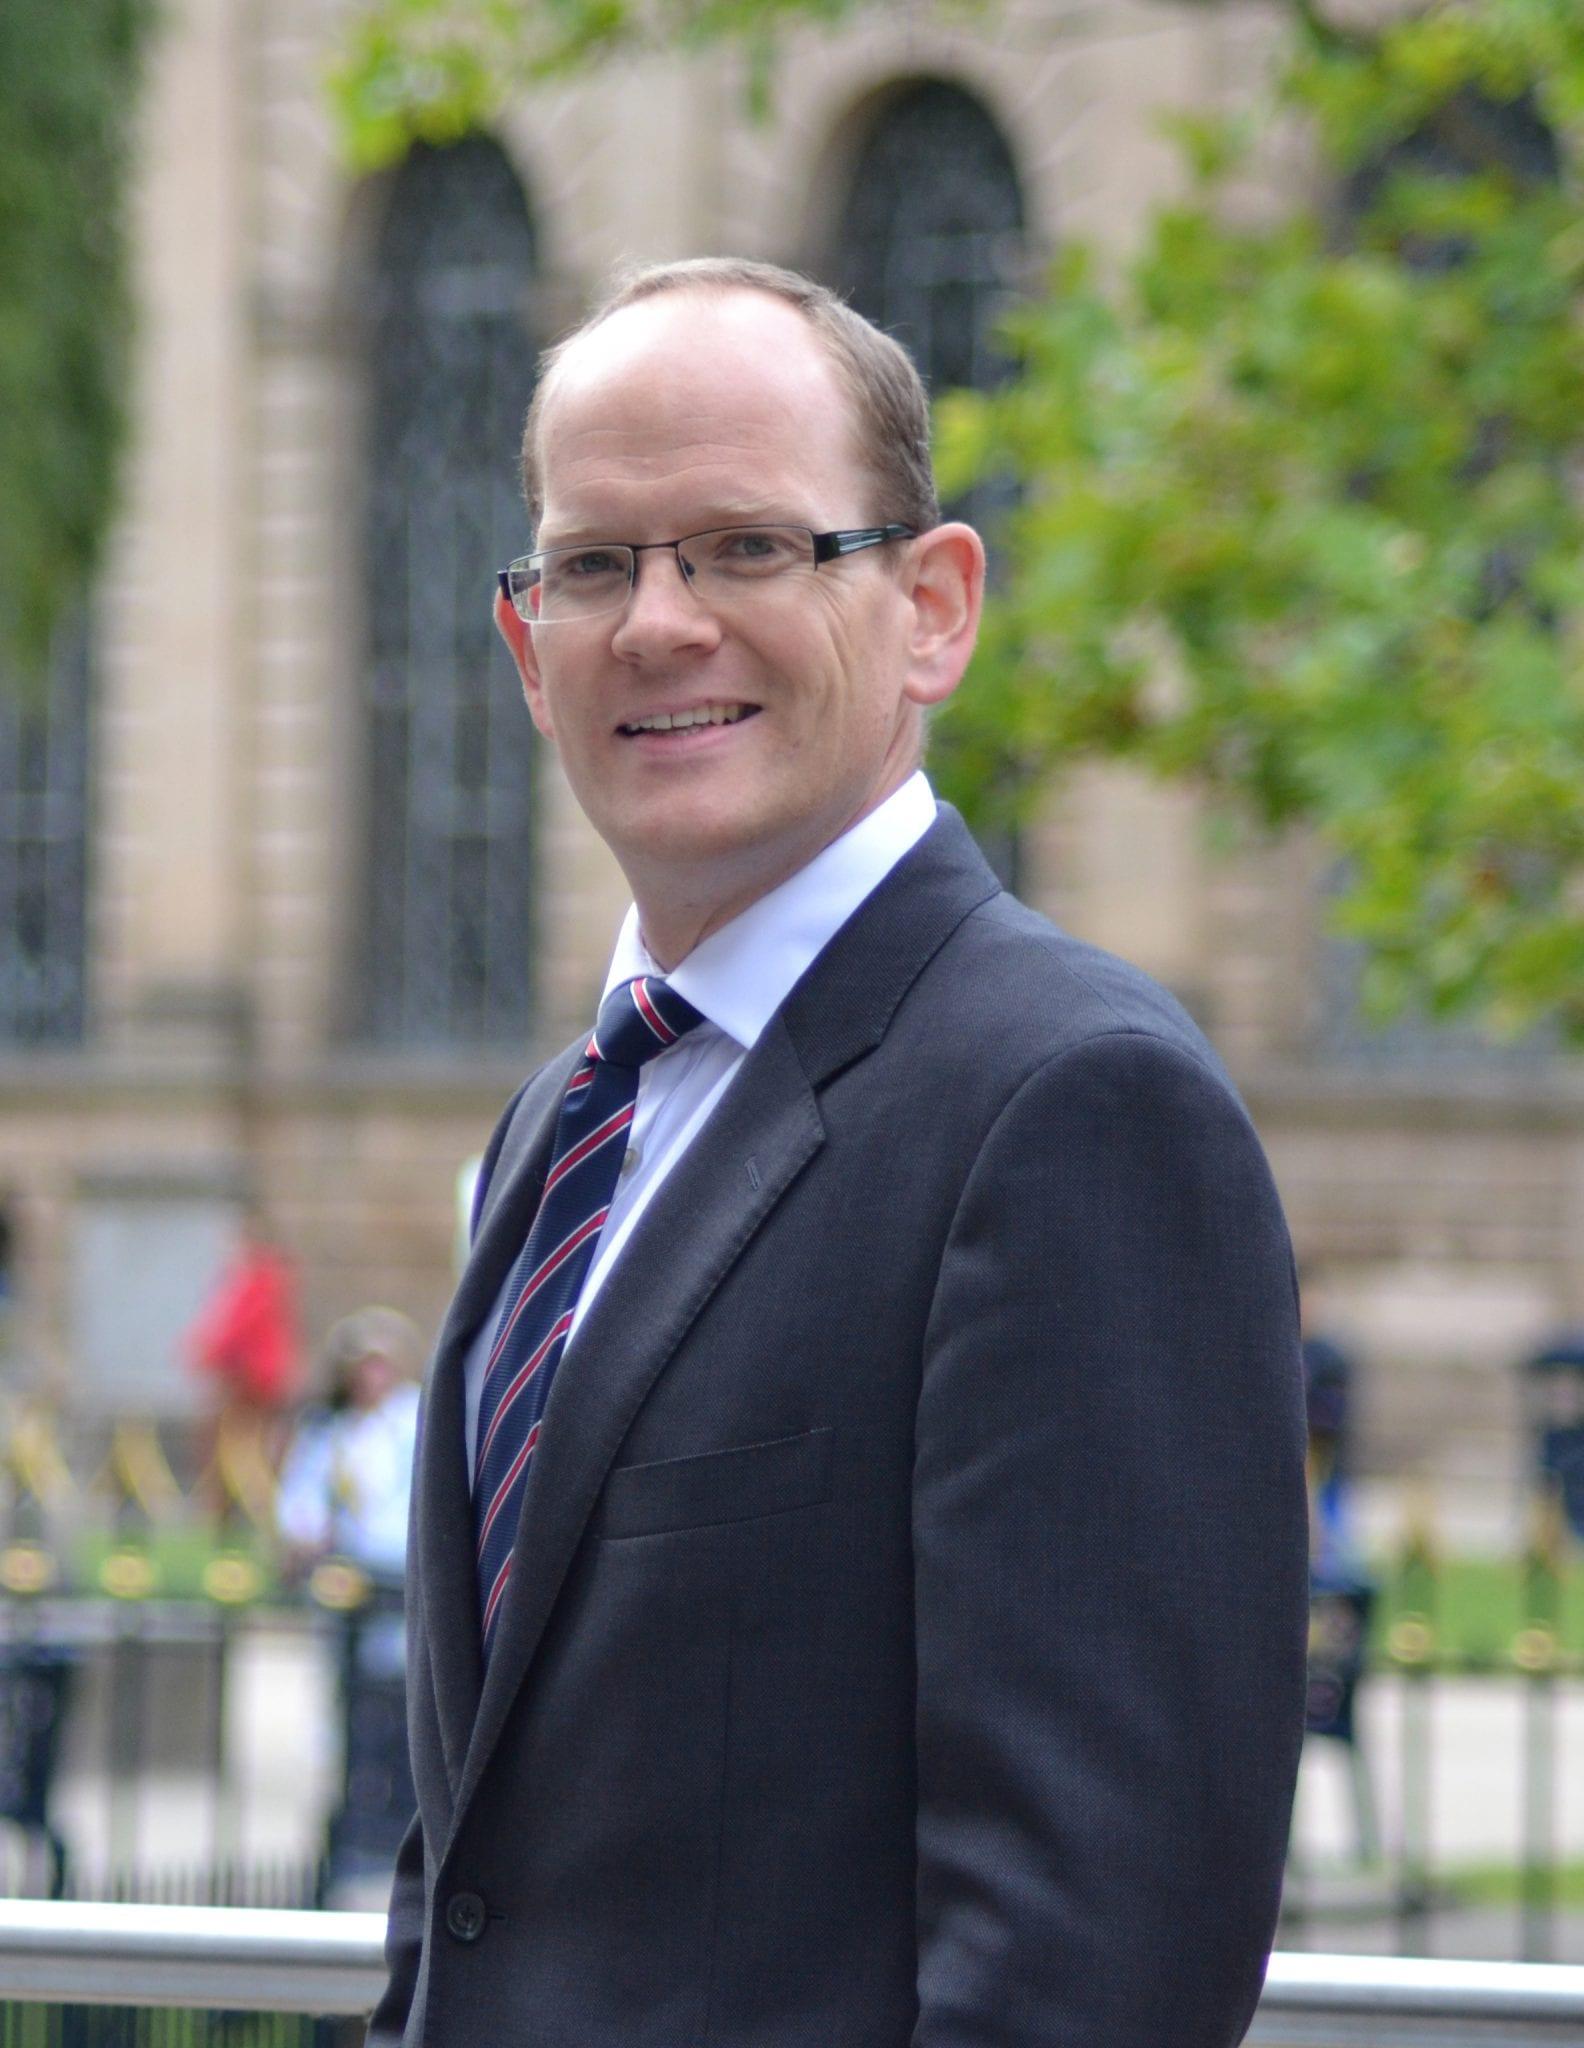 Patrick Keith